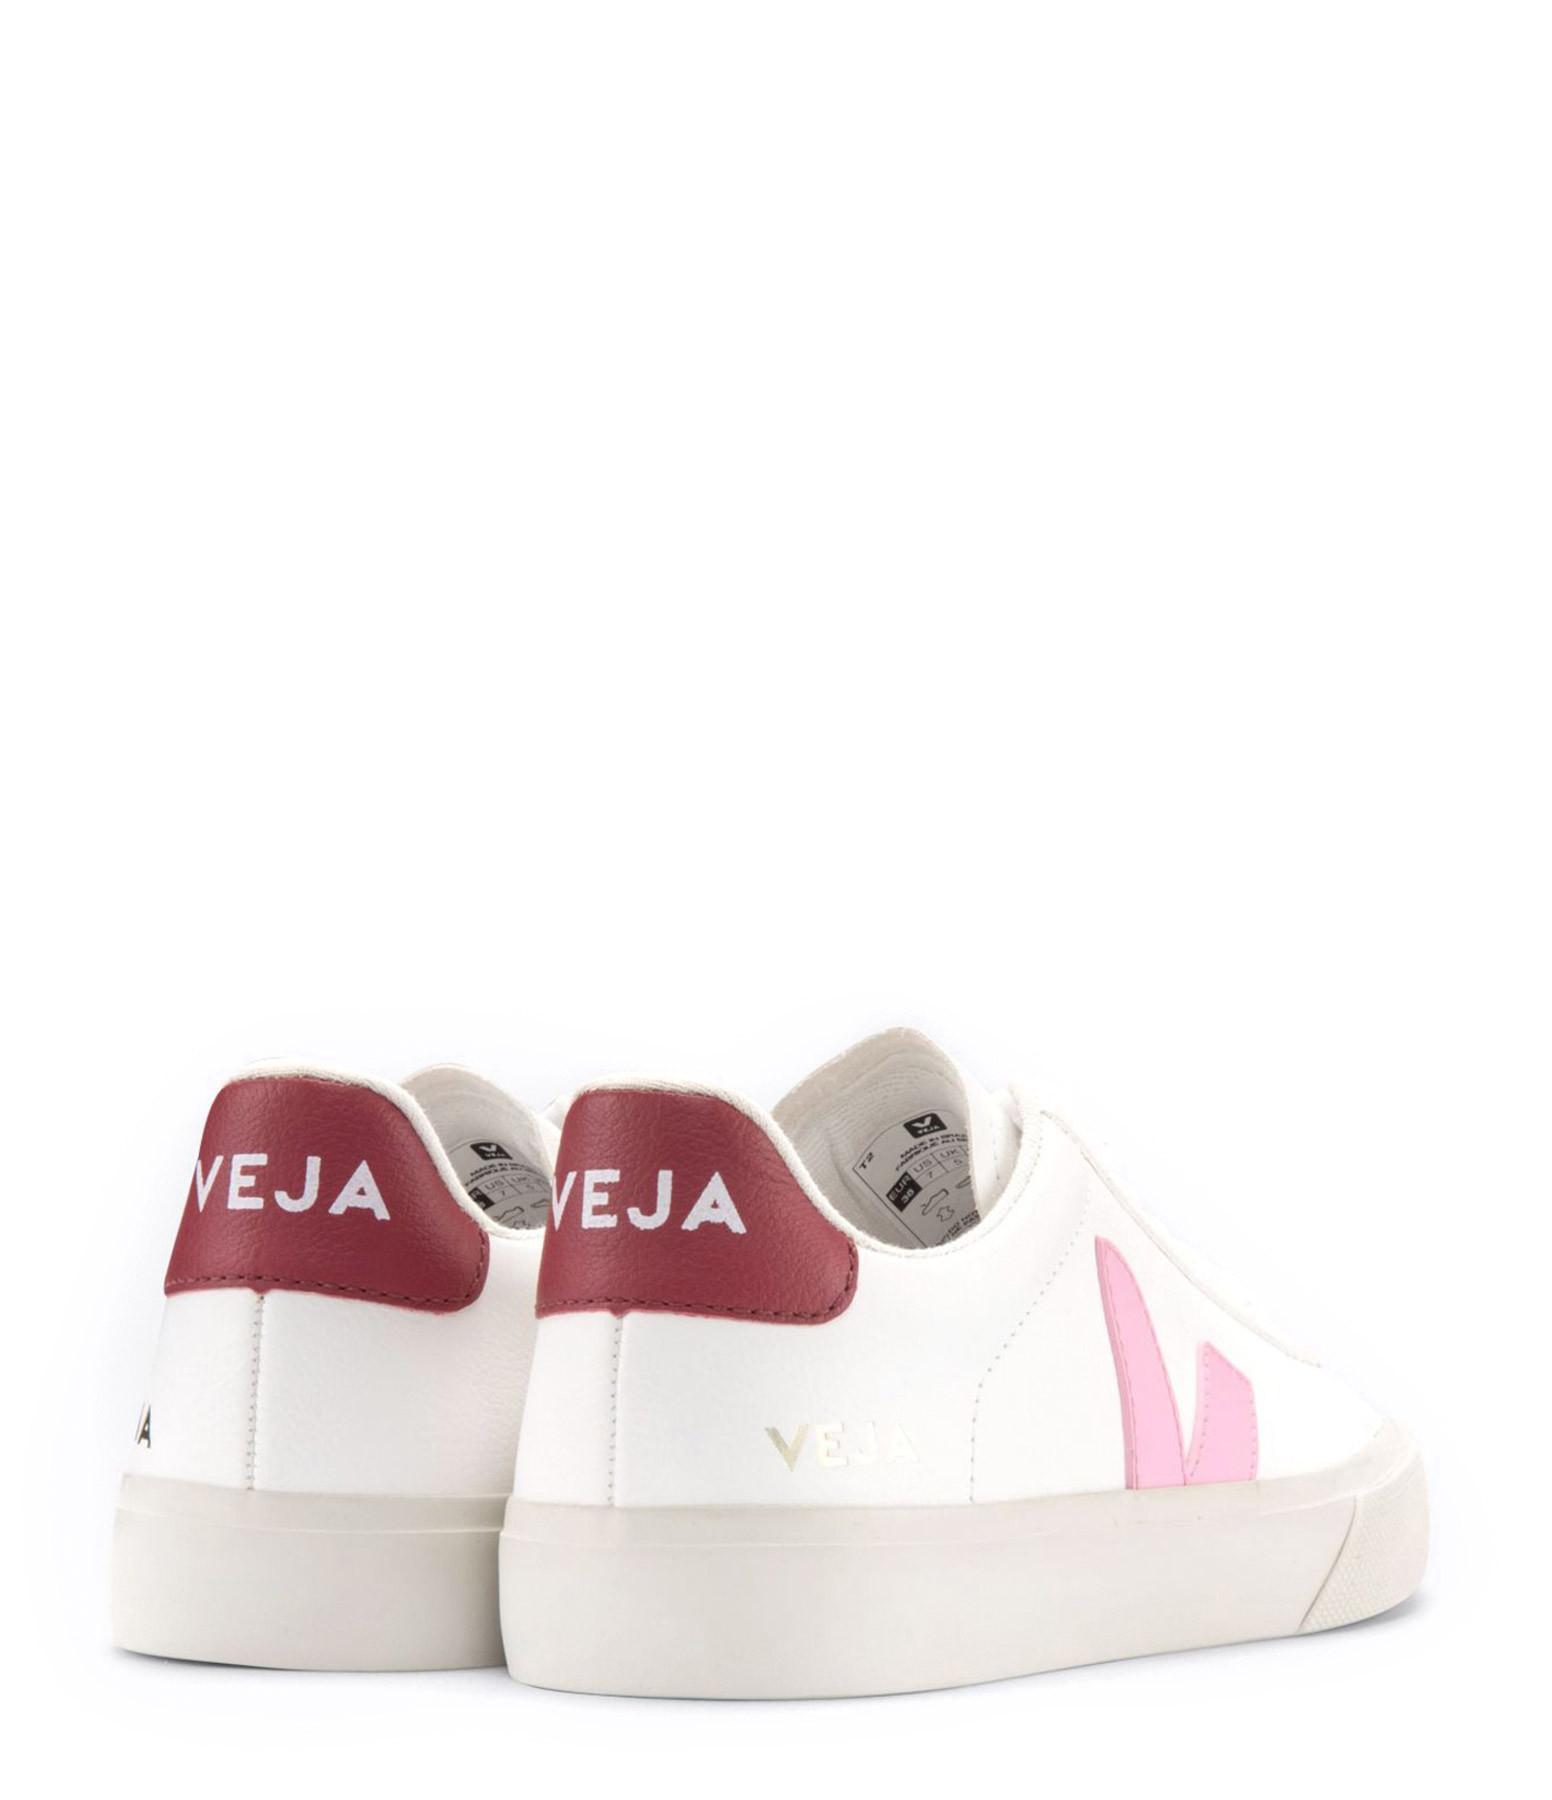 VEJA - Baskets Campo Chromefree Extra White Guimauve